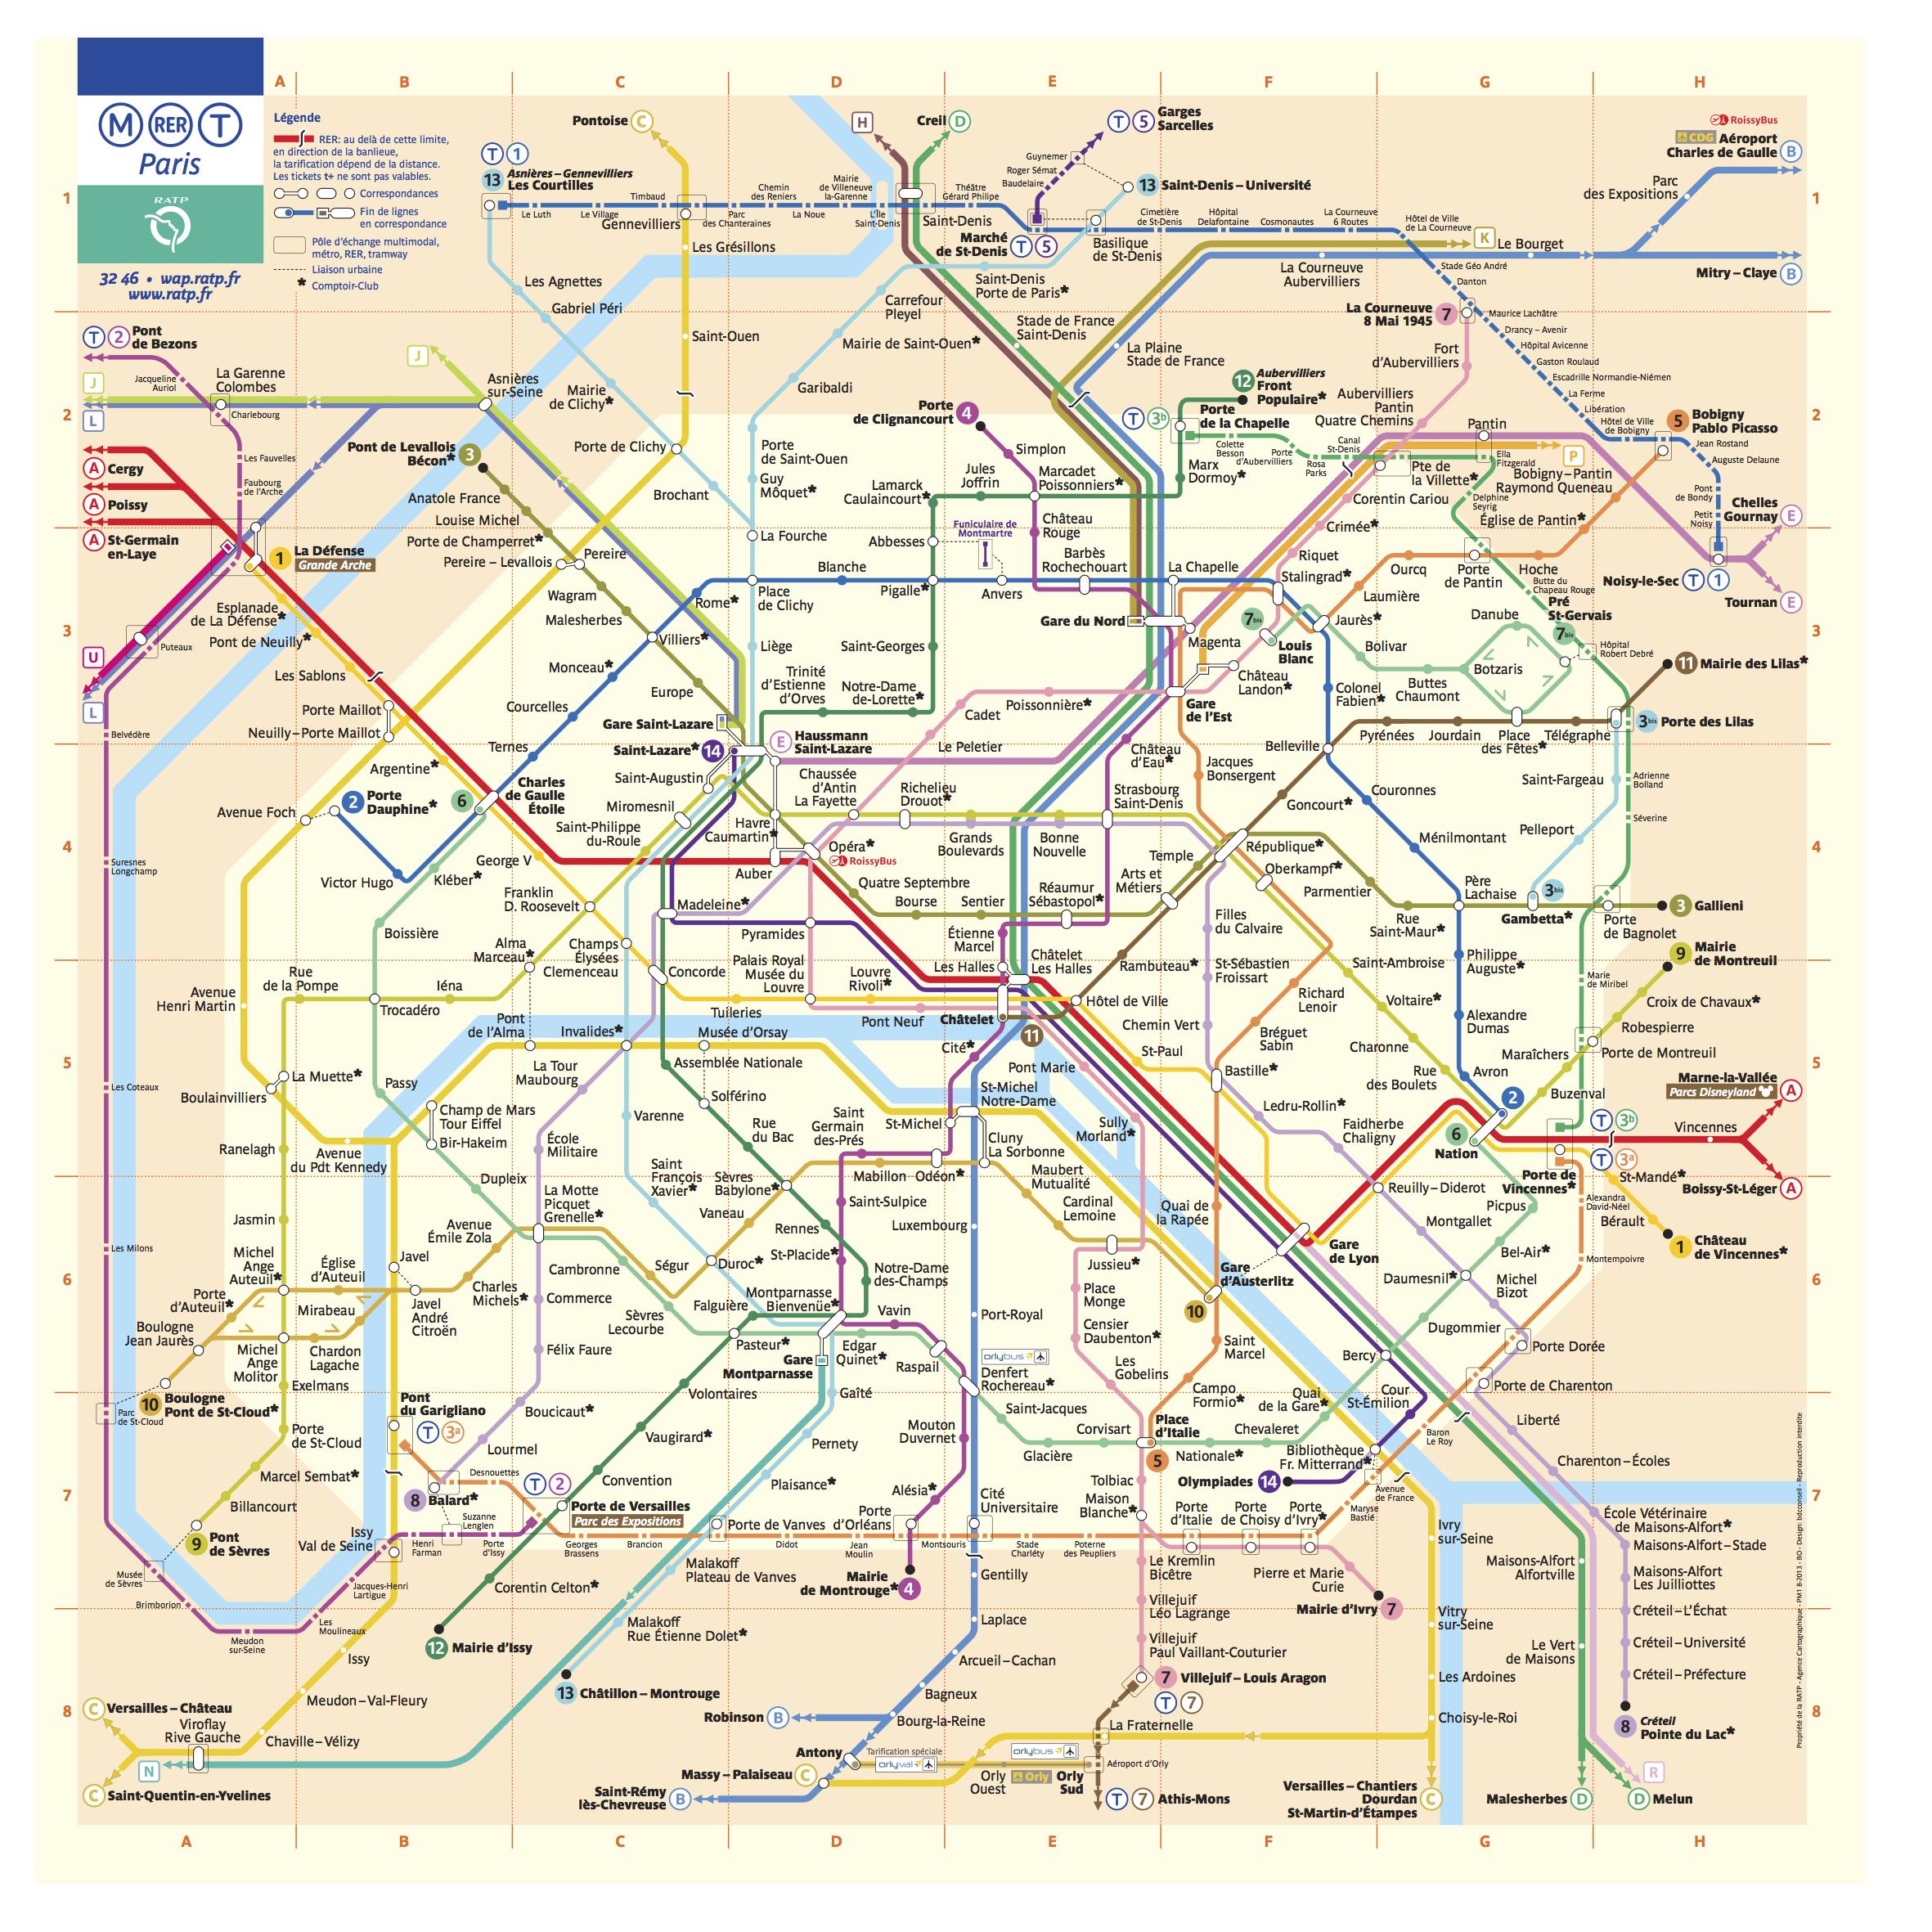 法國巴黎Metro+RER+Train地鐵圖 photo by parisbytrain